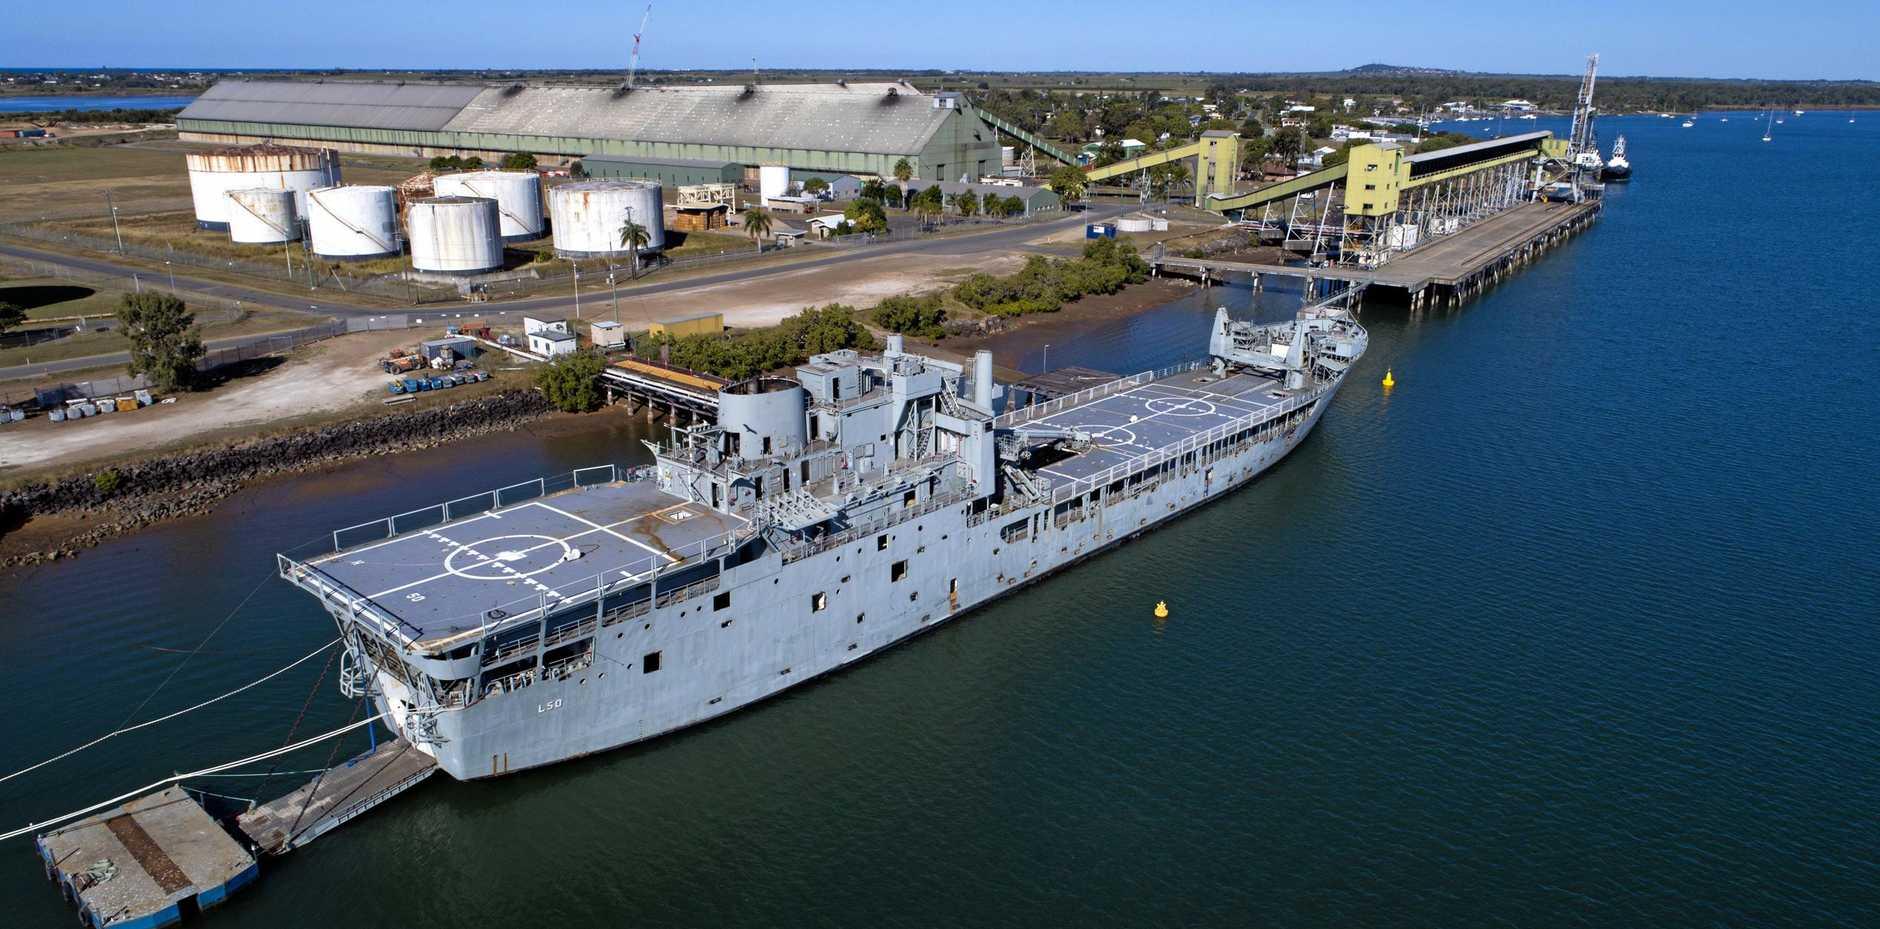 Ex HMAS Tobruk.